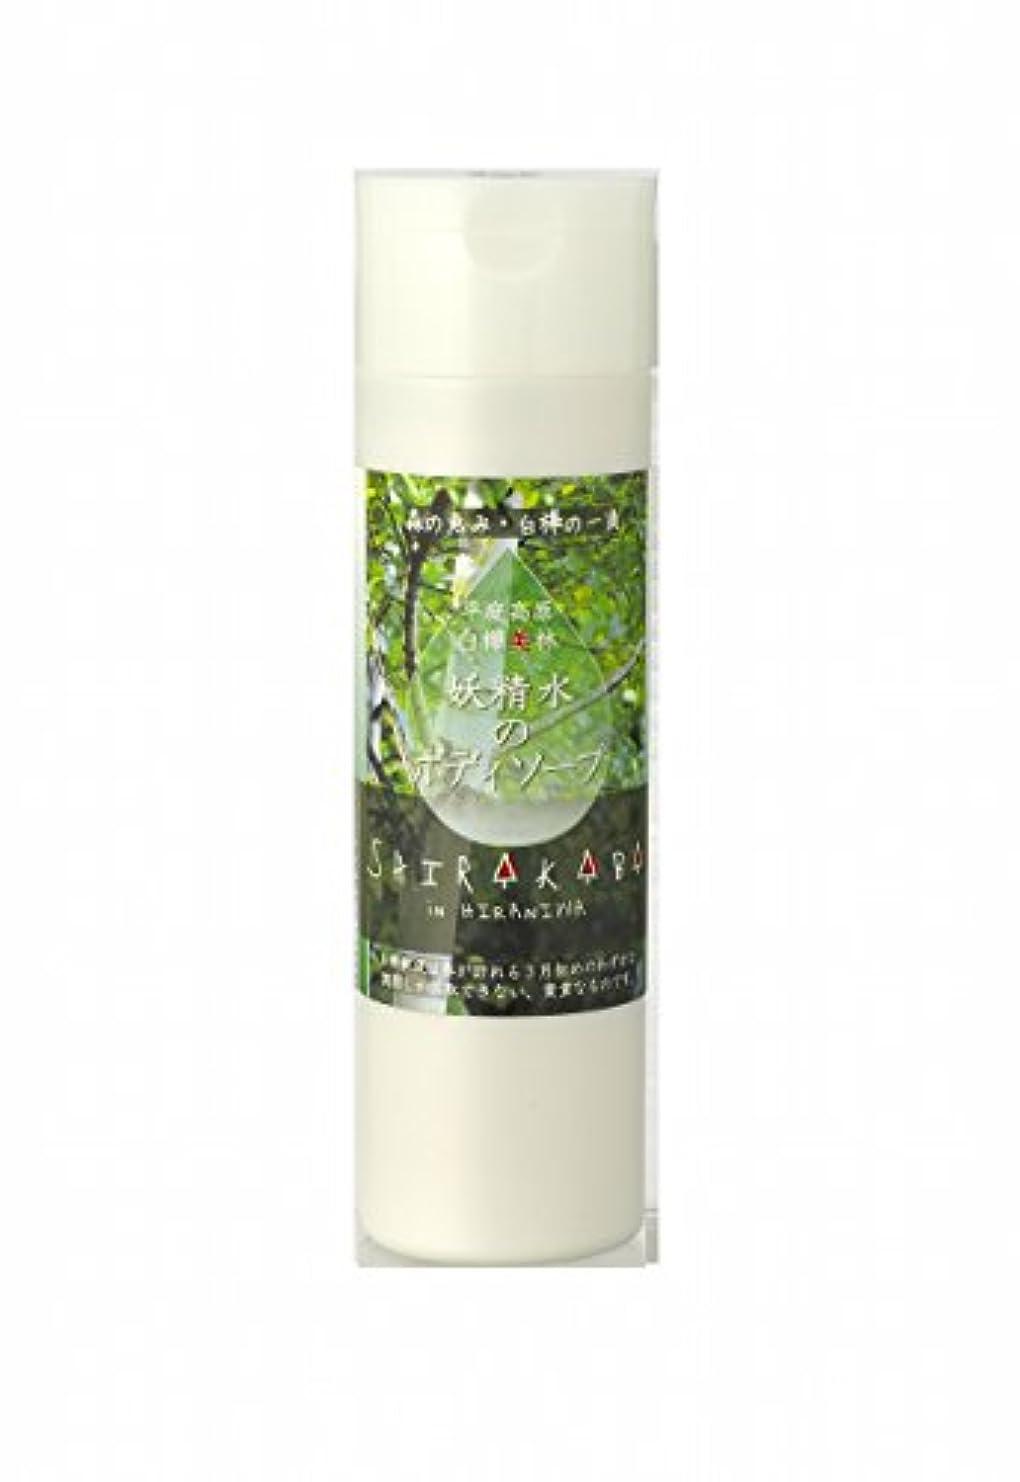 先にリーチ怠平庭高原白樺美林 妖精水のボディソープ 天然成分 [美肌?保湿] 復興支援